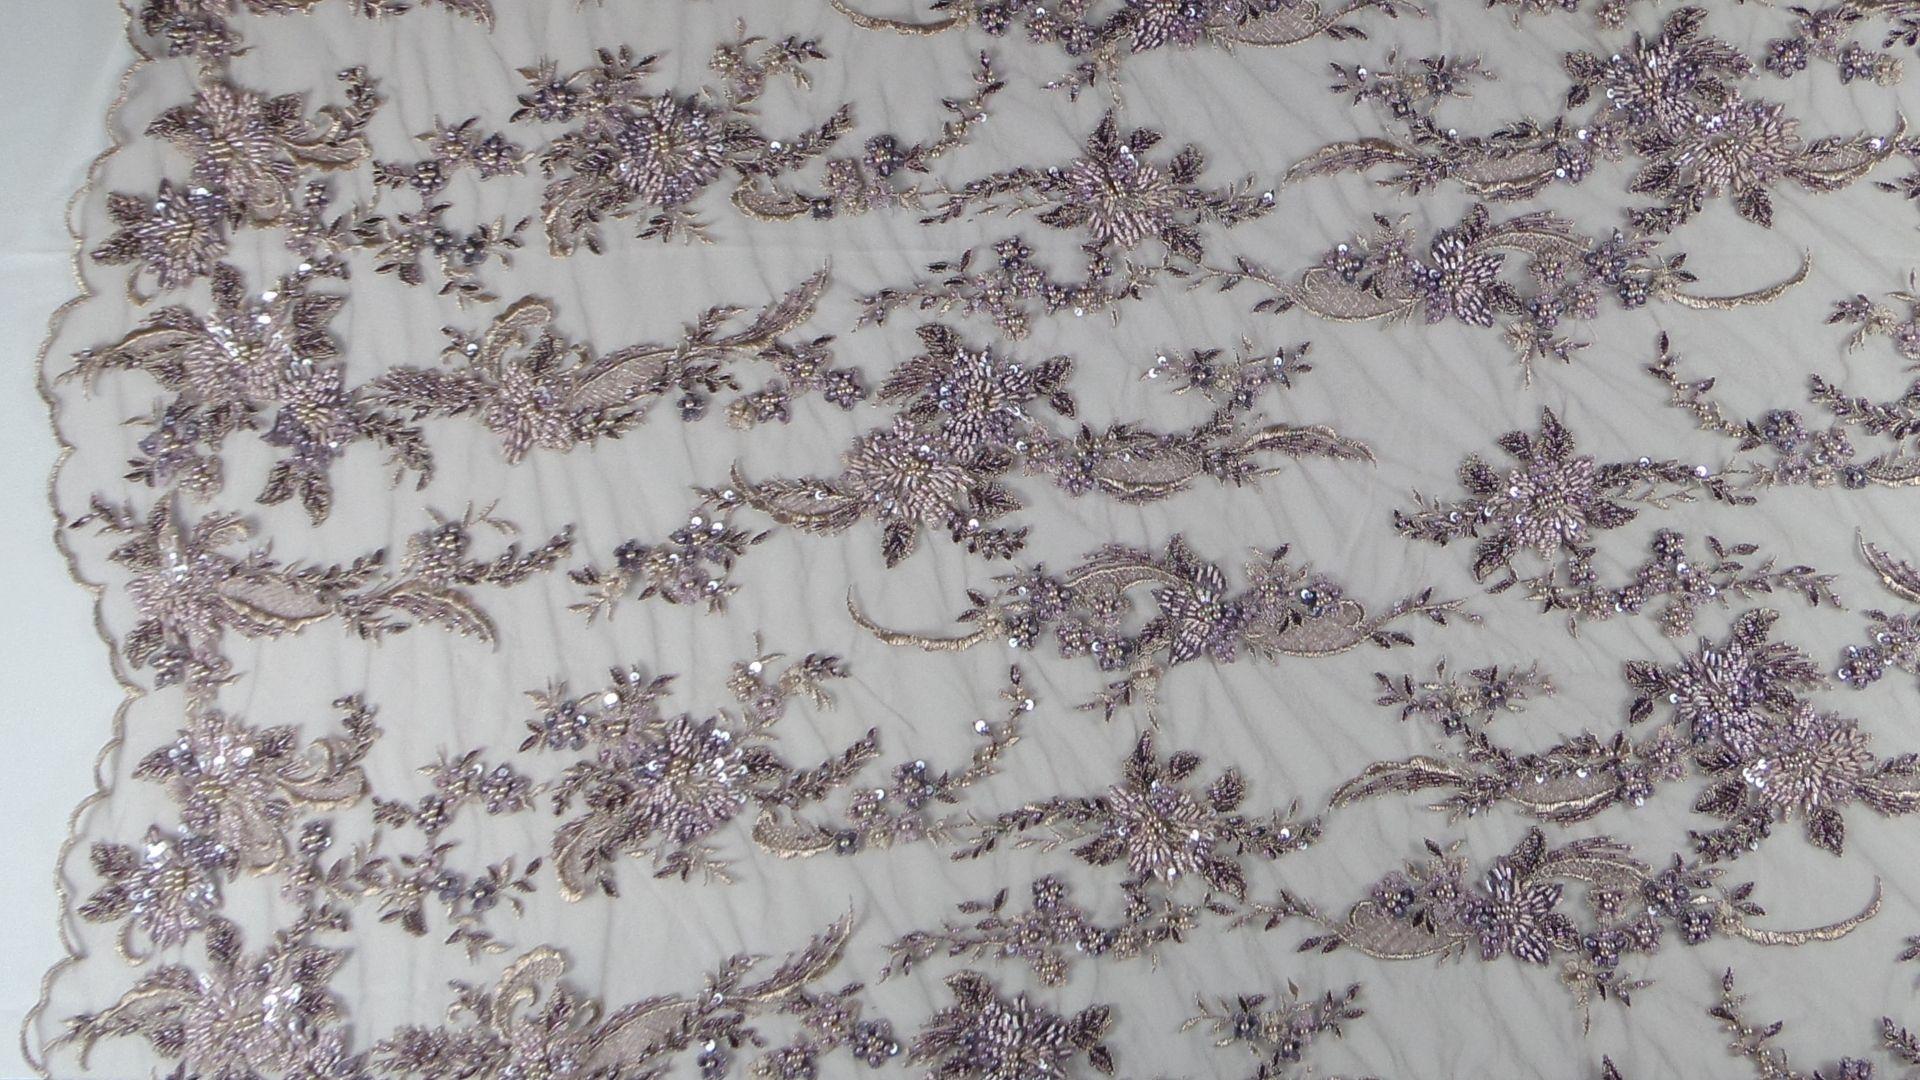 il particolare del tessuto SX122, appartenente alla categoria ricami con accessori, di Leadford & Logan